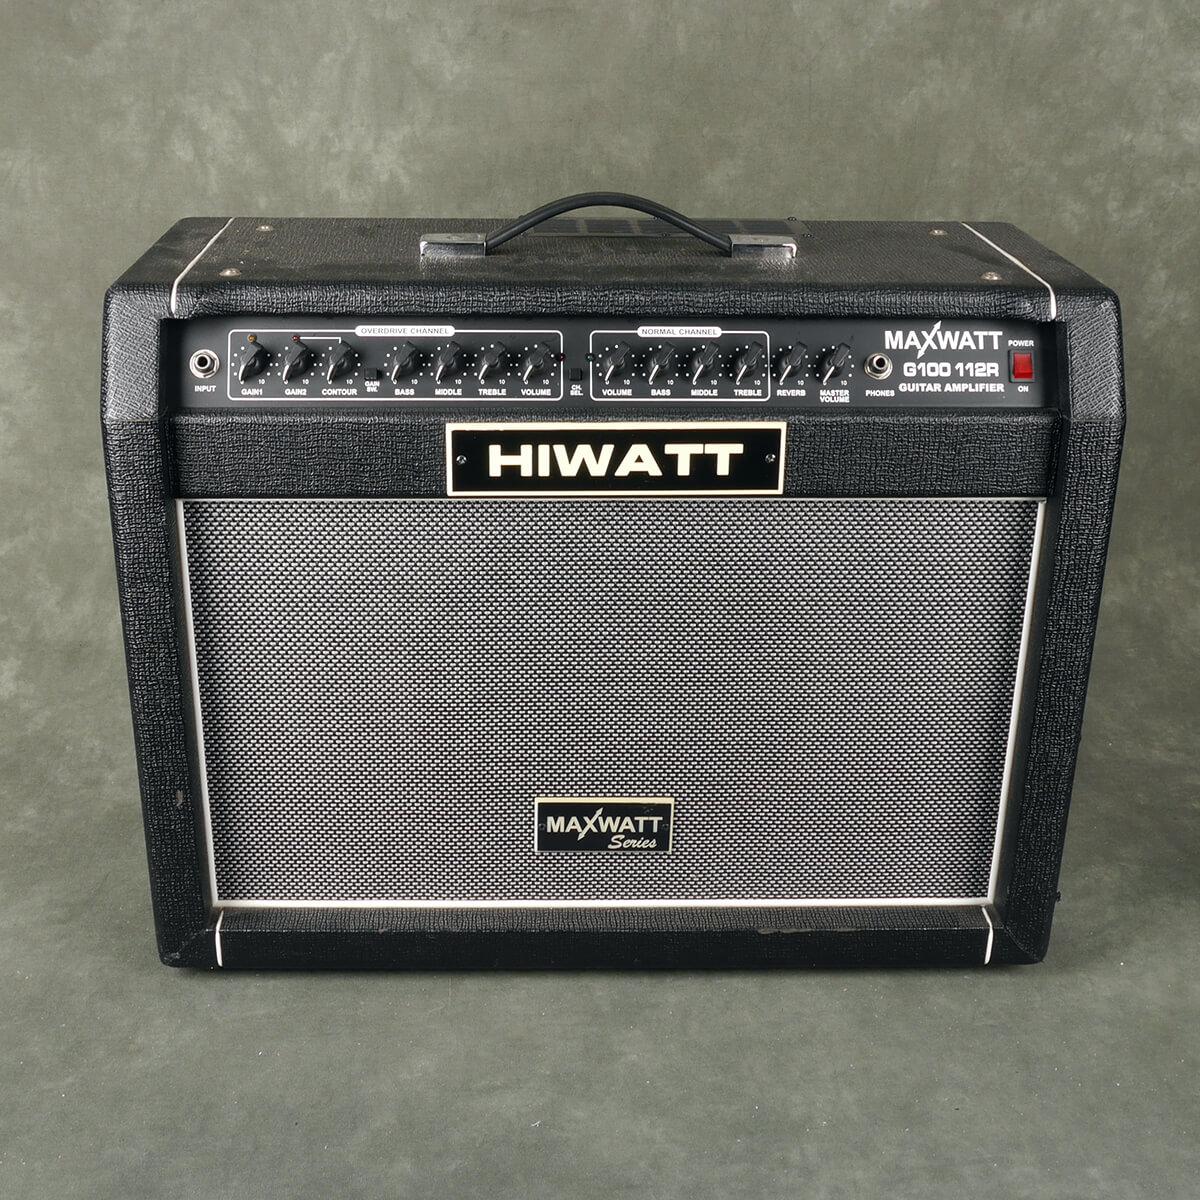 Hiwatt Maxwatt G100 112R Combo Amplifier - 2nd Hand